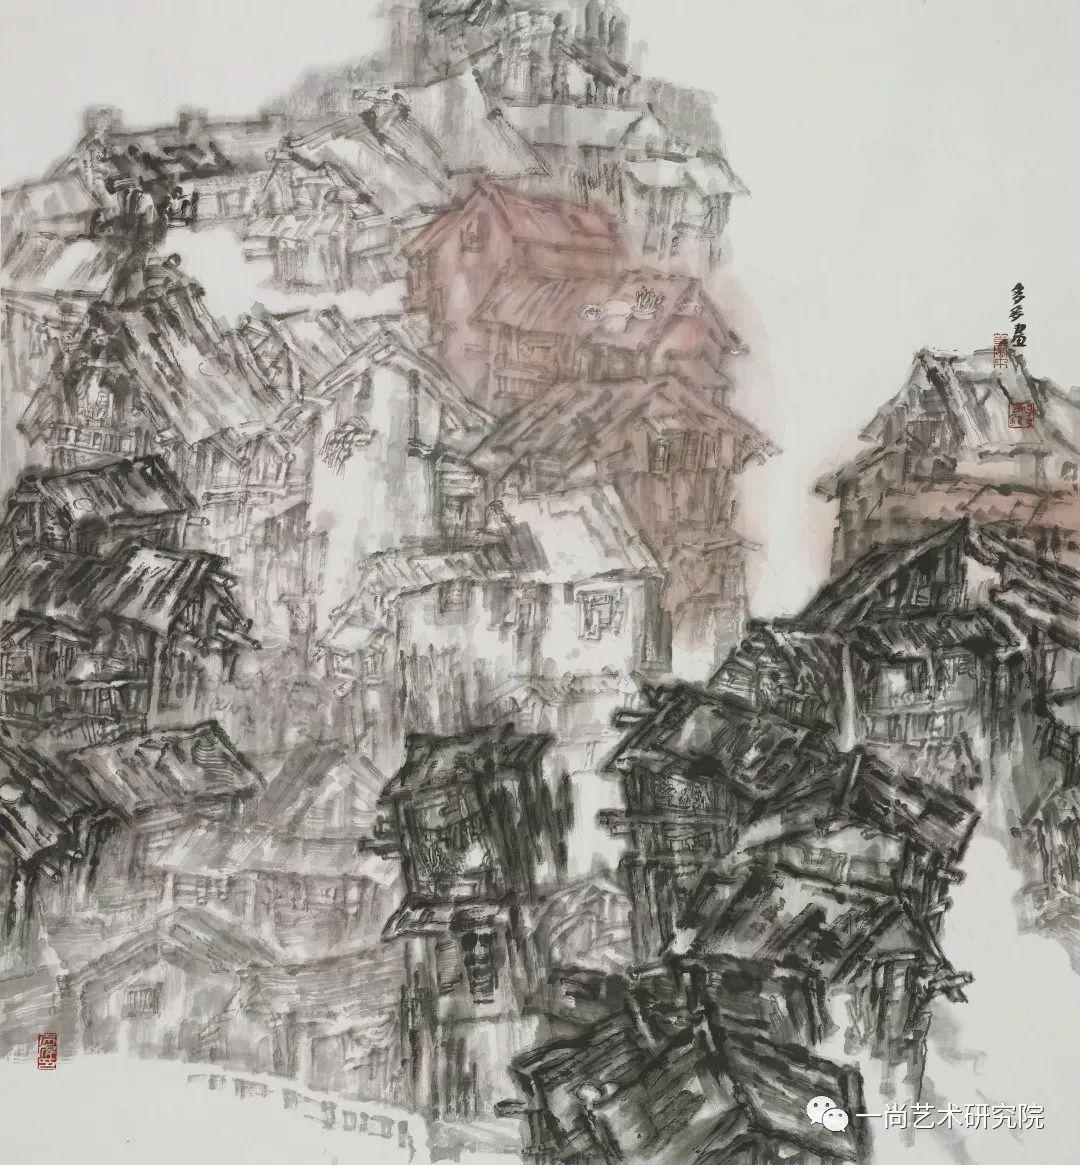 「新锐·微个展」川美| 吴多多:鲜活重庆与古城建筑的交融山水